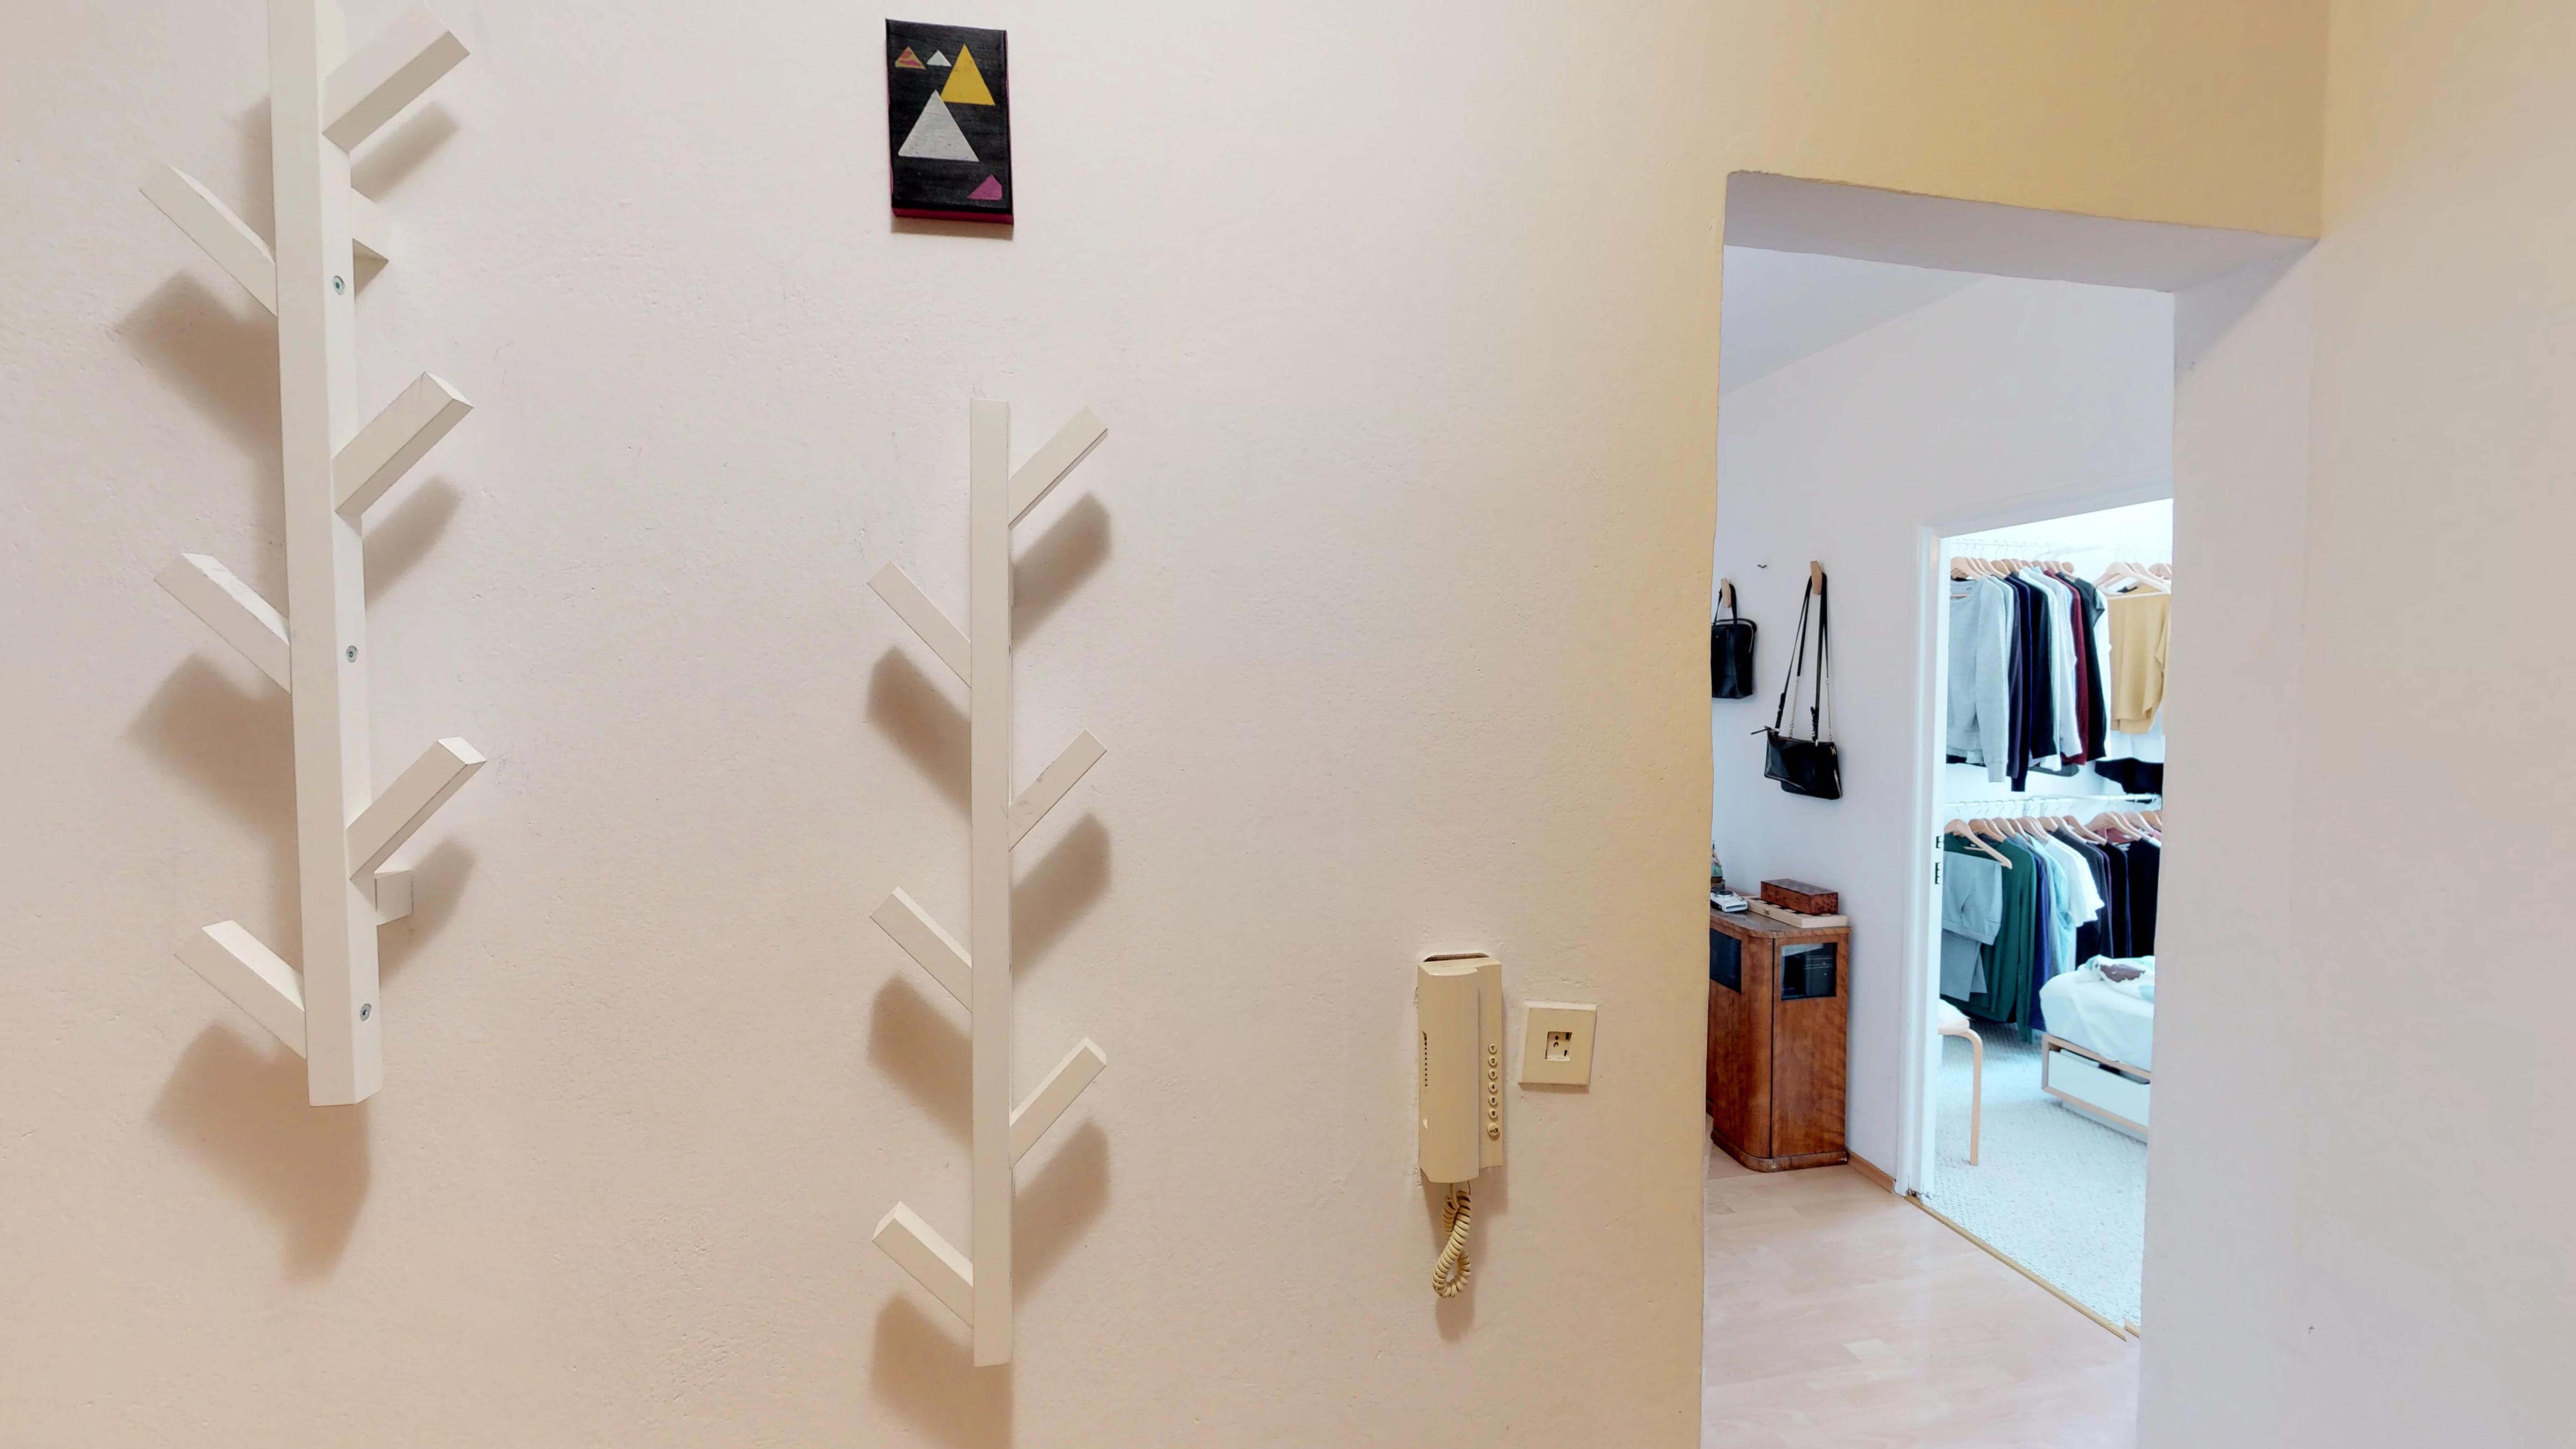 Predané Predaj exkluzívneho 3 izb. bytu,v Ružinove, ulica Palkovičová, blízko Trhoviska Miletičky v Bratislave, 68m2, kompletne zariadený-35